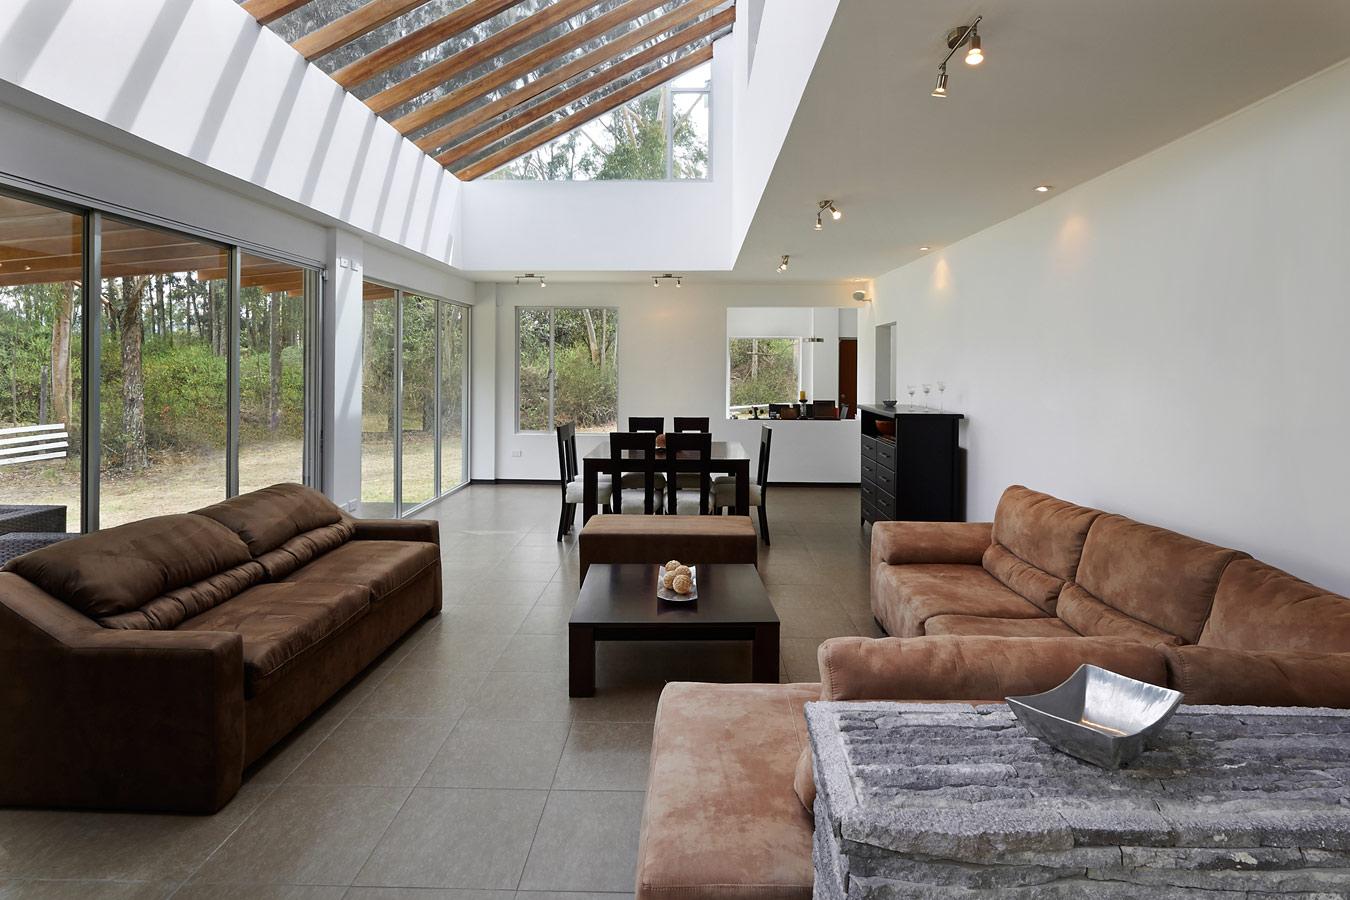 Aanbouw aan huis tips inspiratie for Interieur huis